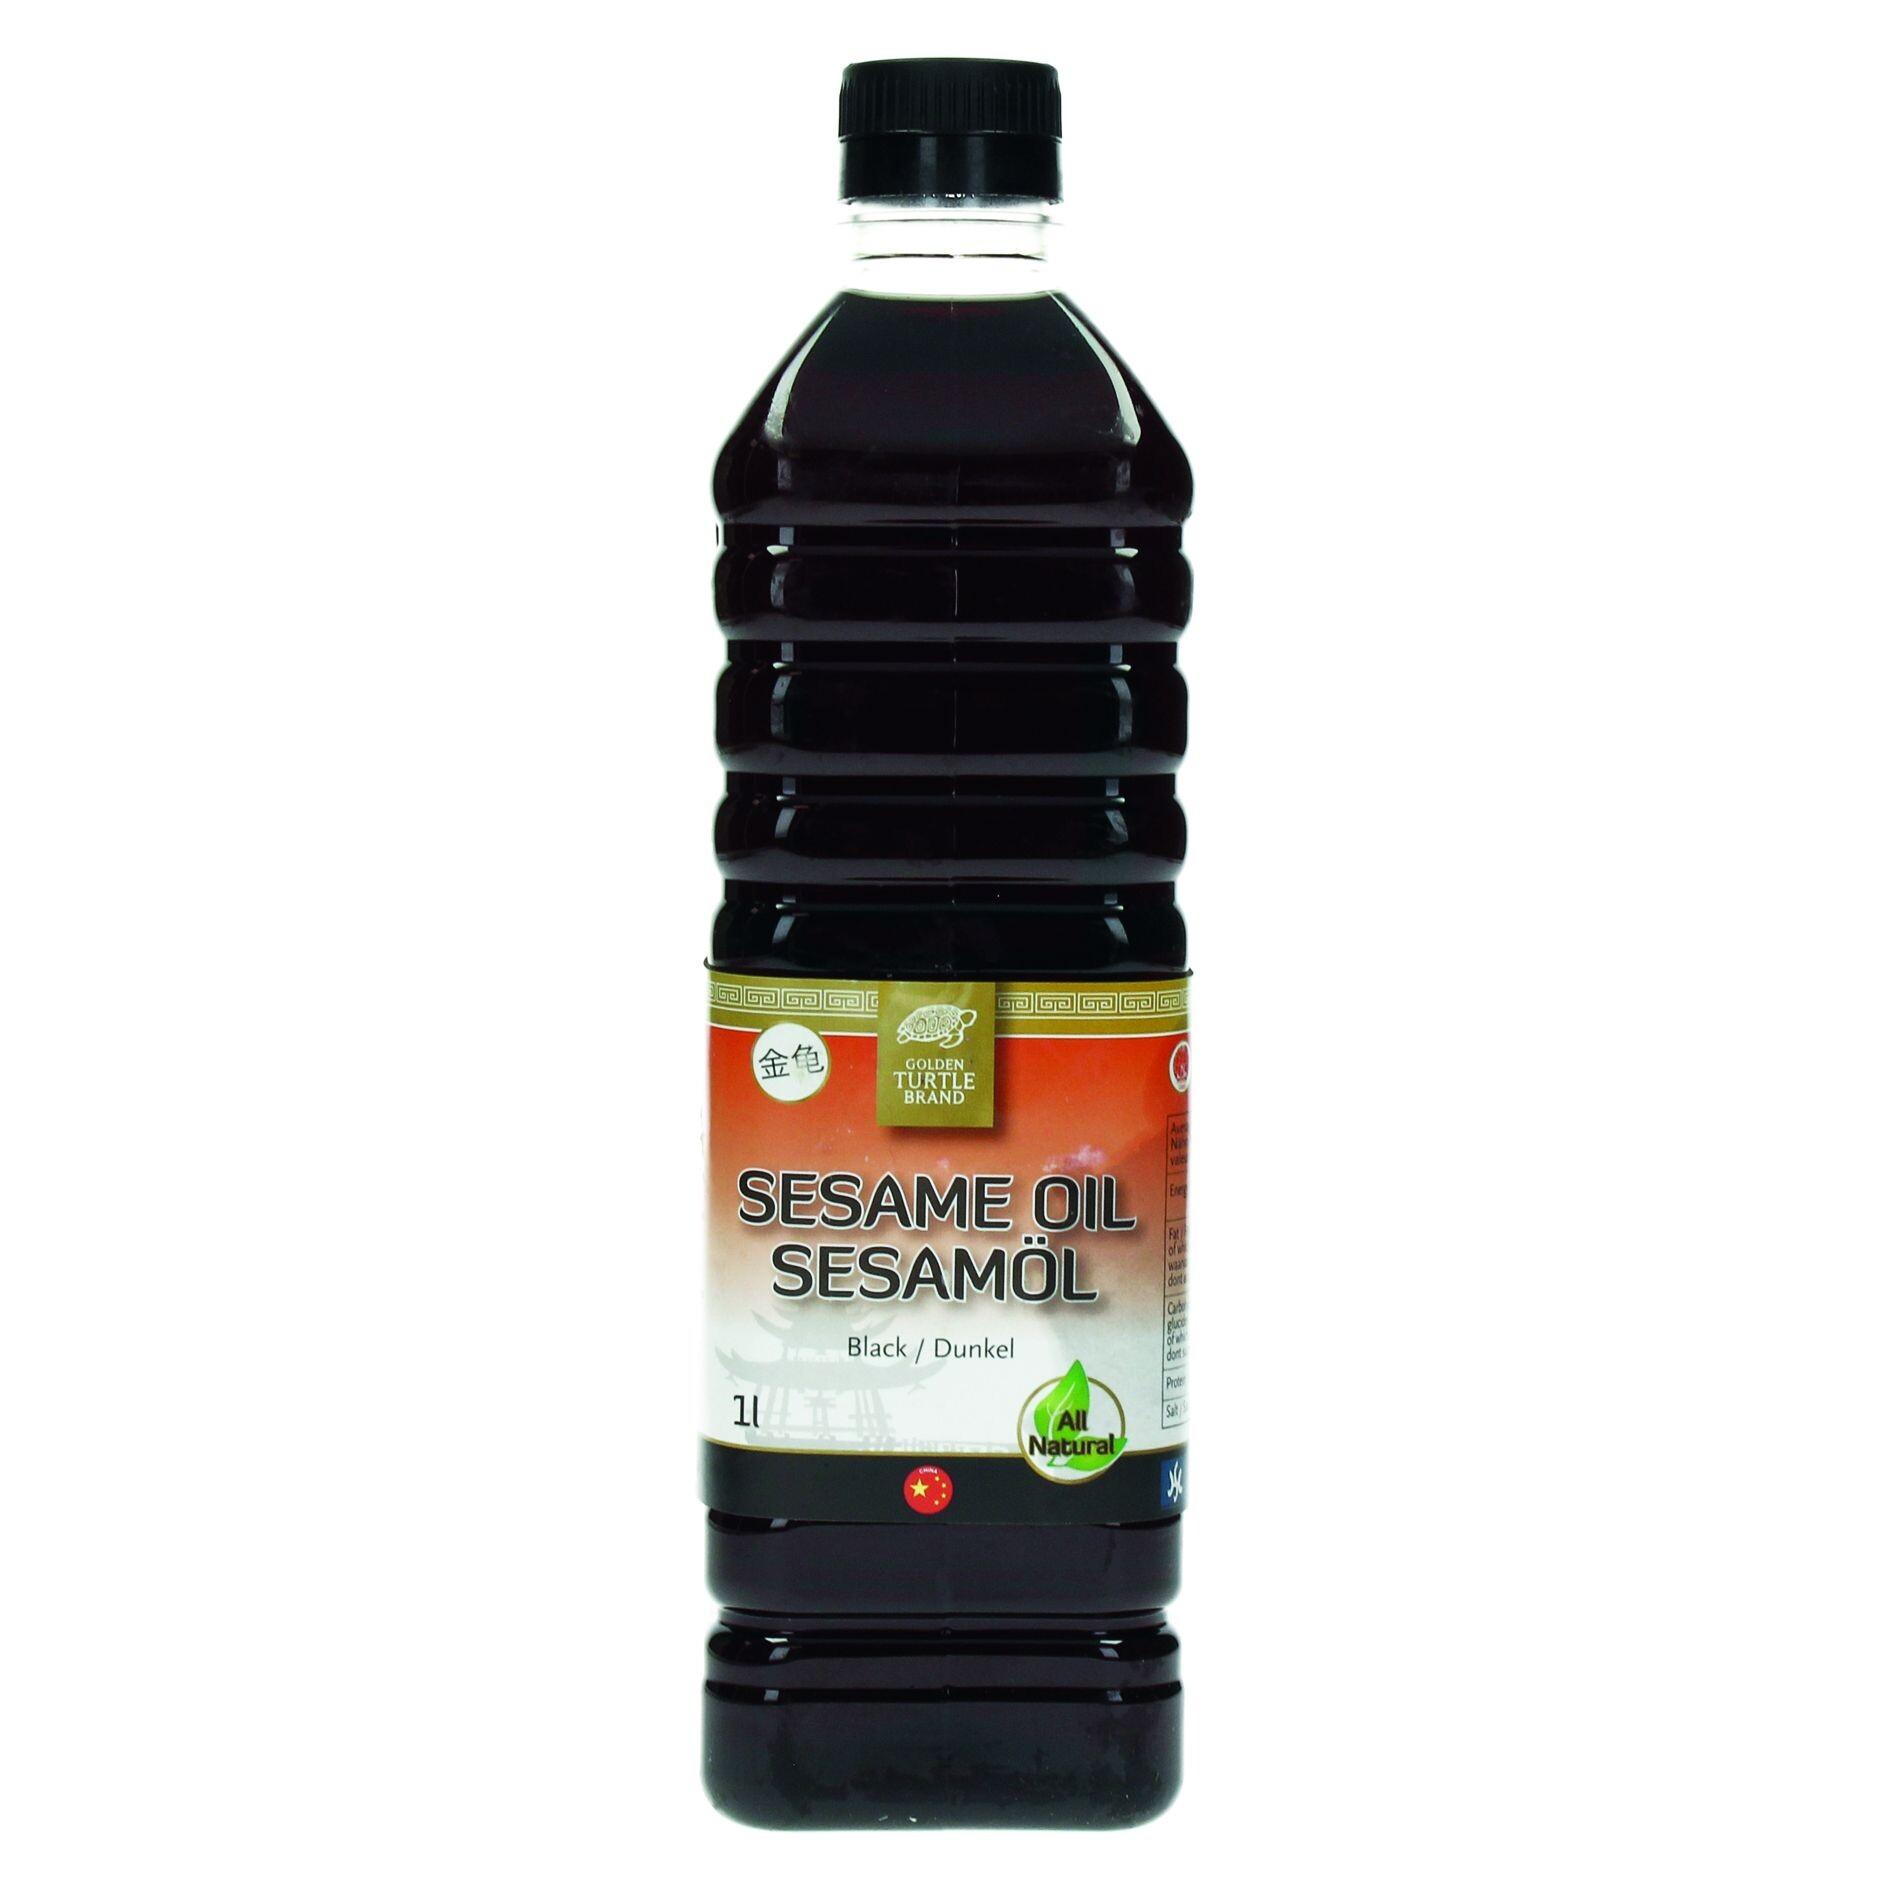 Sesame oil 1L Golden Turtle Brand for Chefs